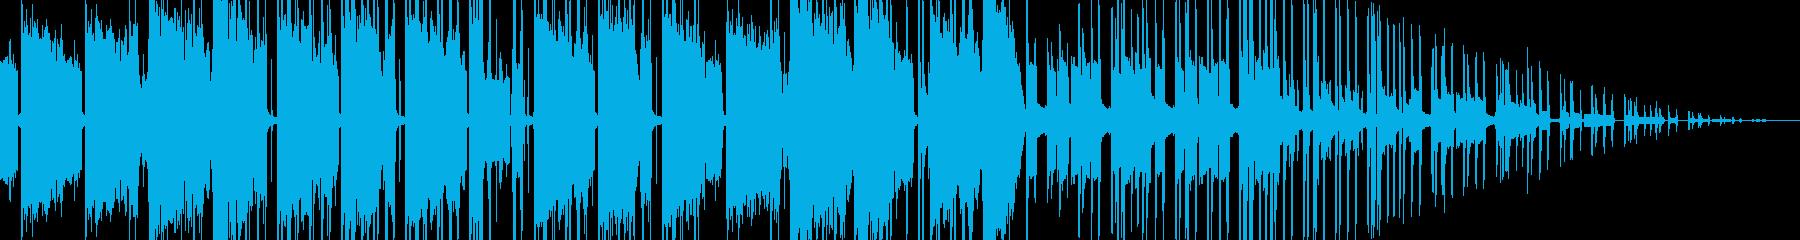 個性的なリズムの未来的なテクノサウンドの再生済みの波形